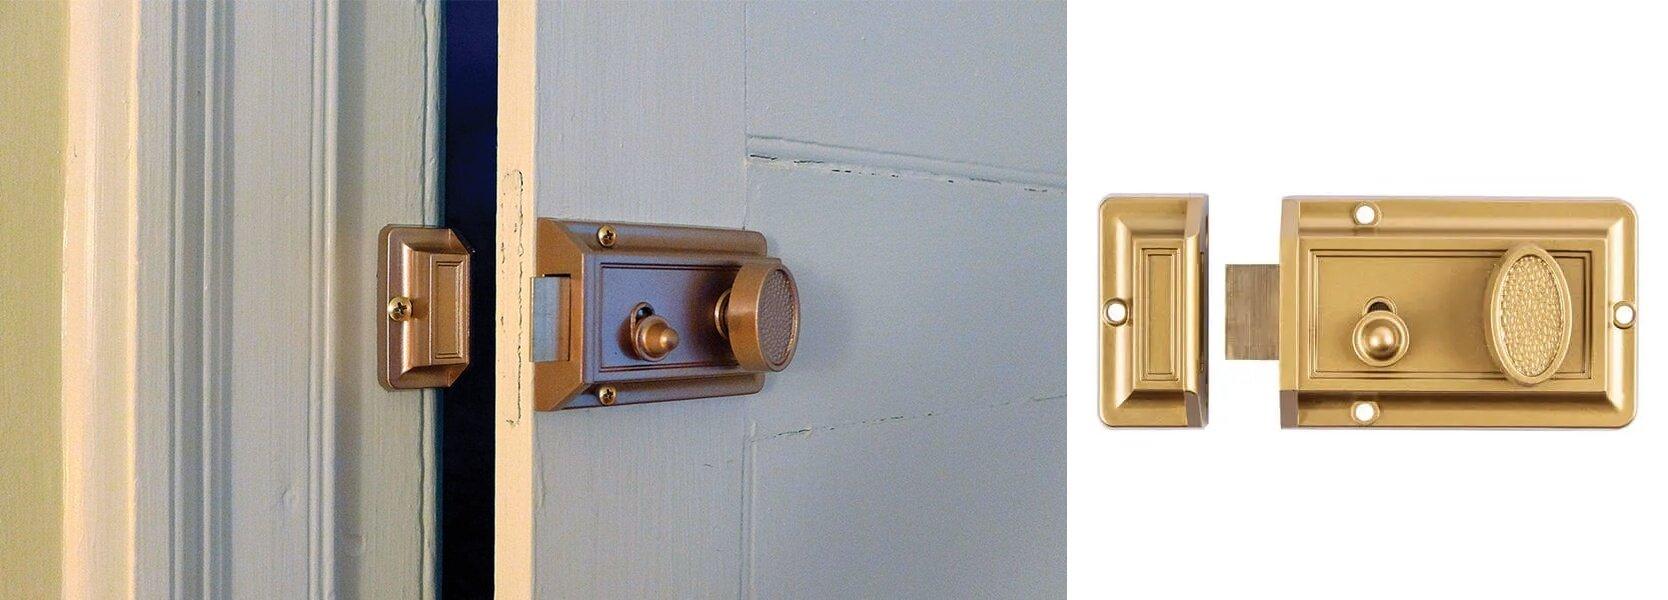 As Indoor Locks - Door Rim Locks-The Most Comprehensive Buying Guide